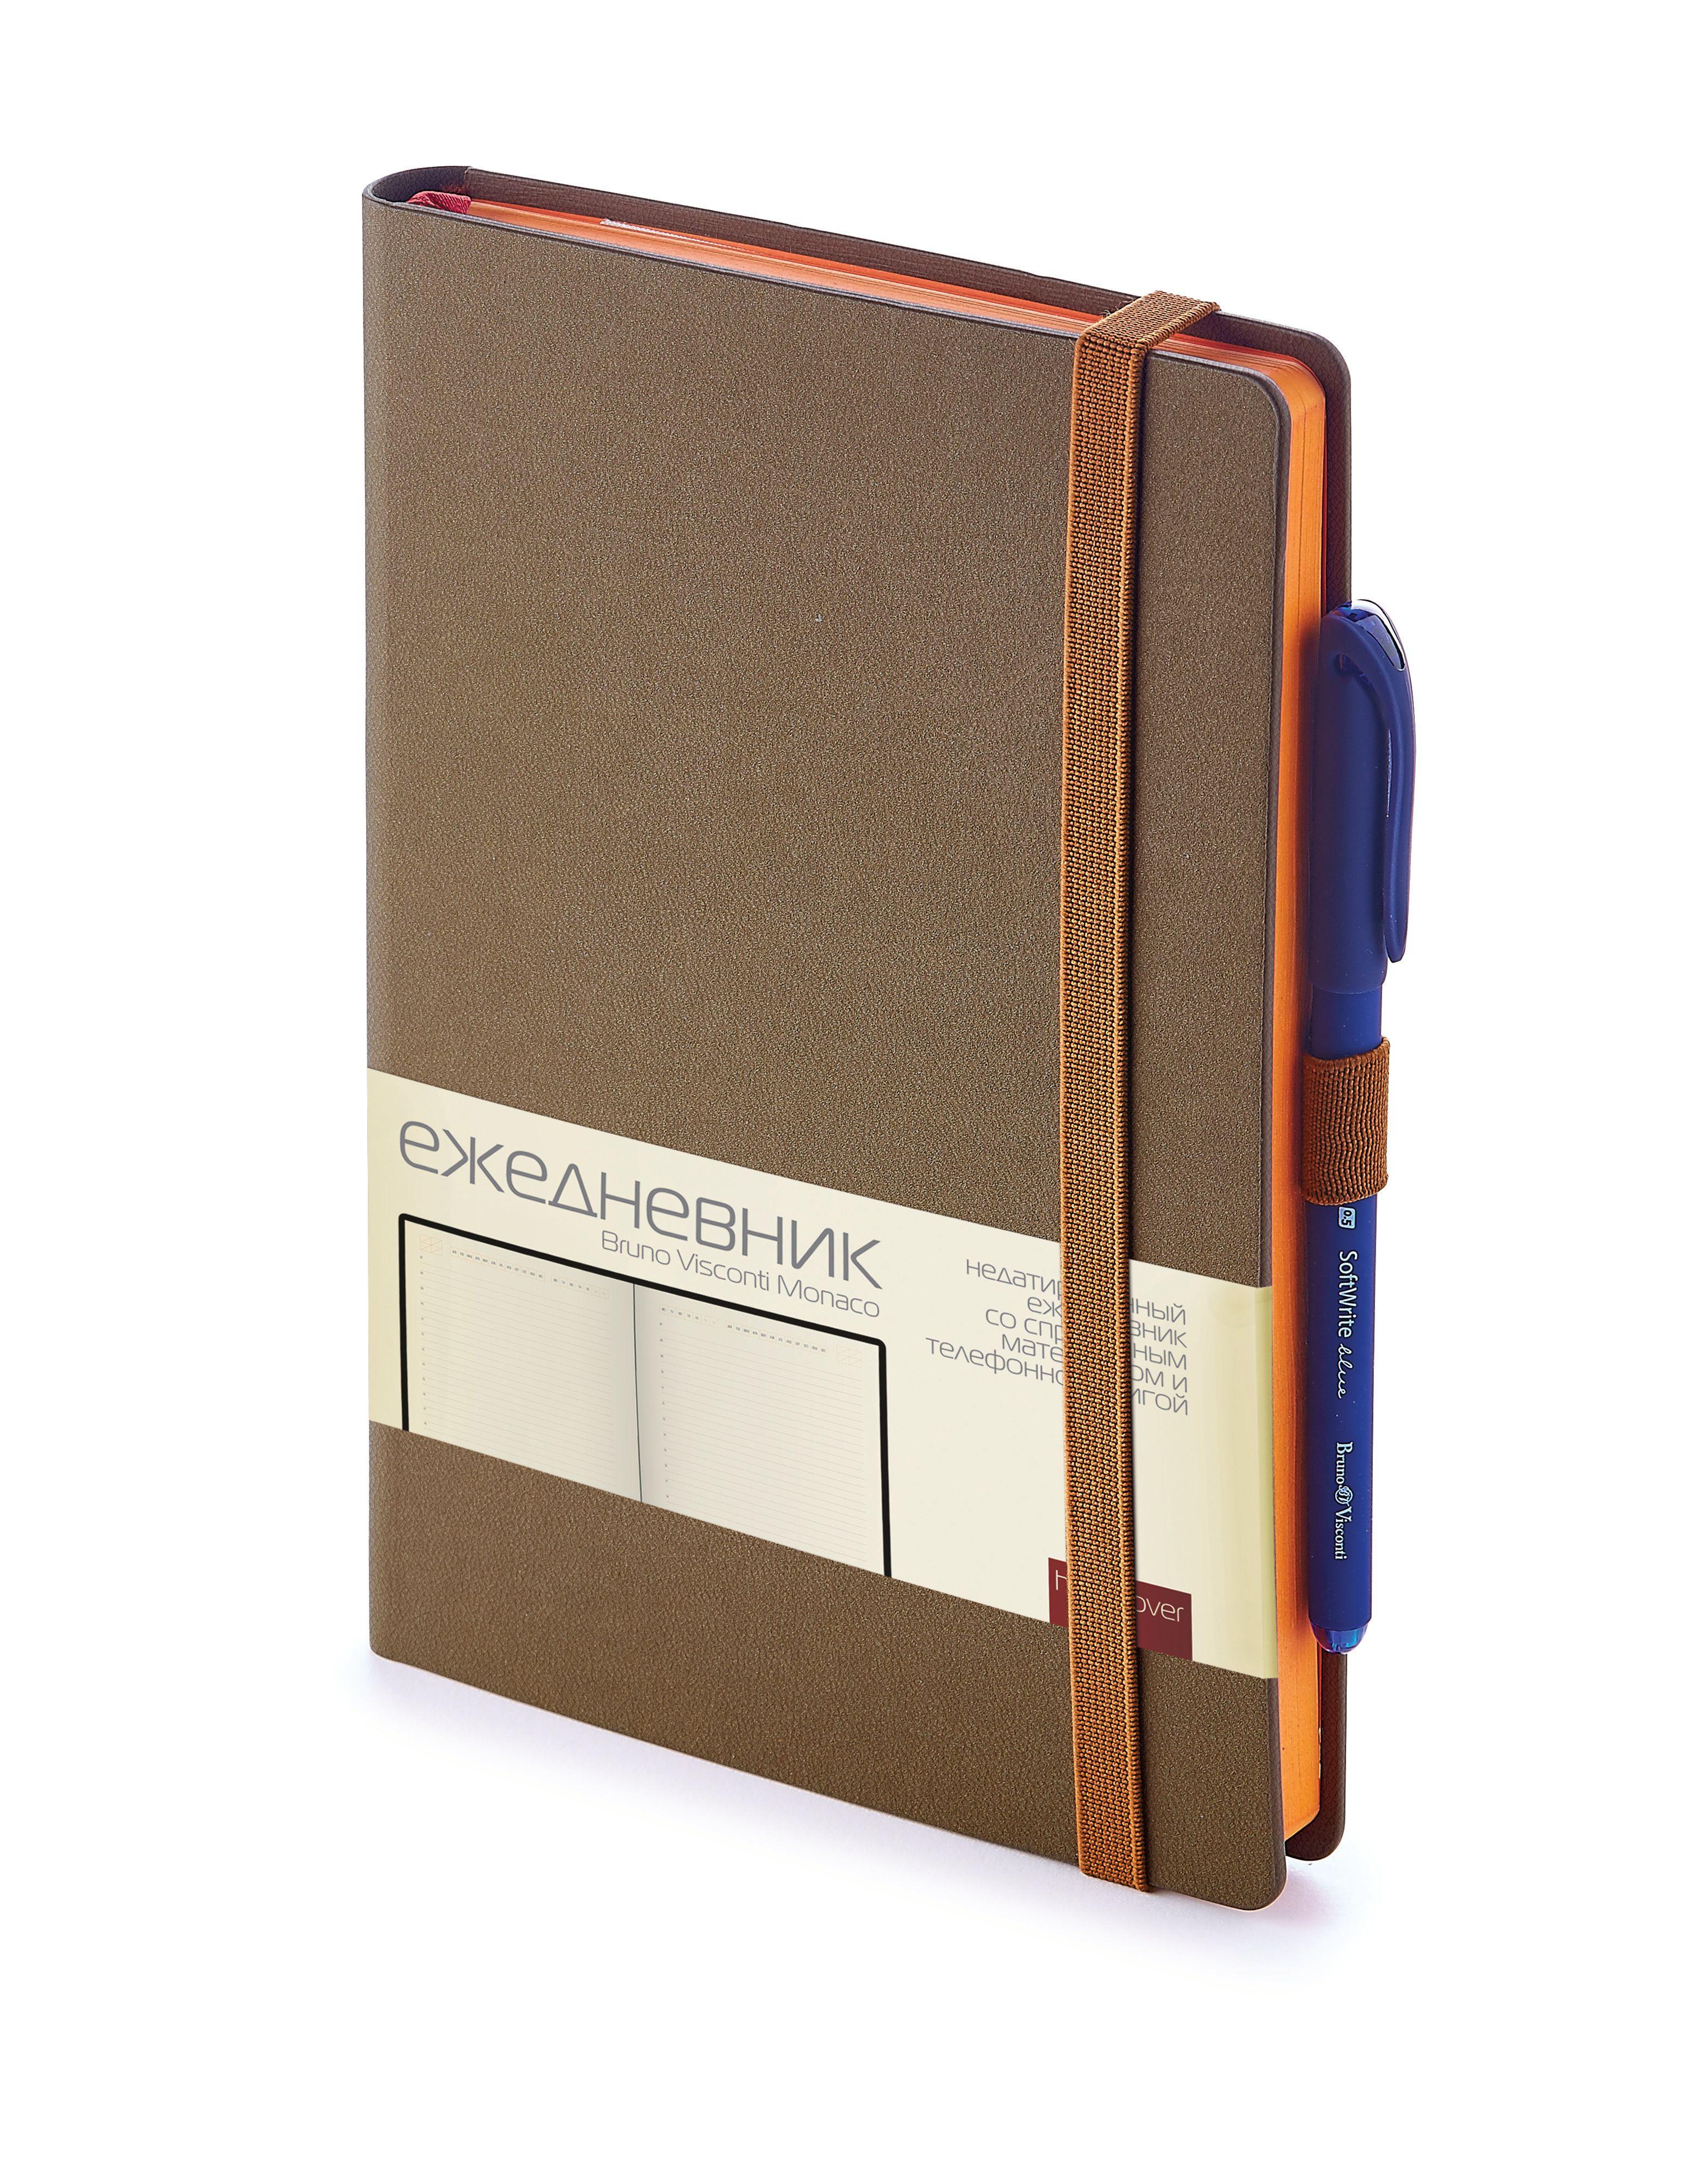 Ежедневник недатированный Monaco, А5, коричневый, бежевый блок, оранжевый обрез, ляссе